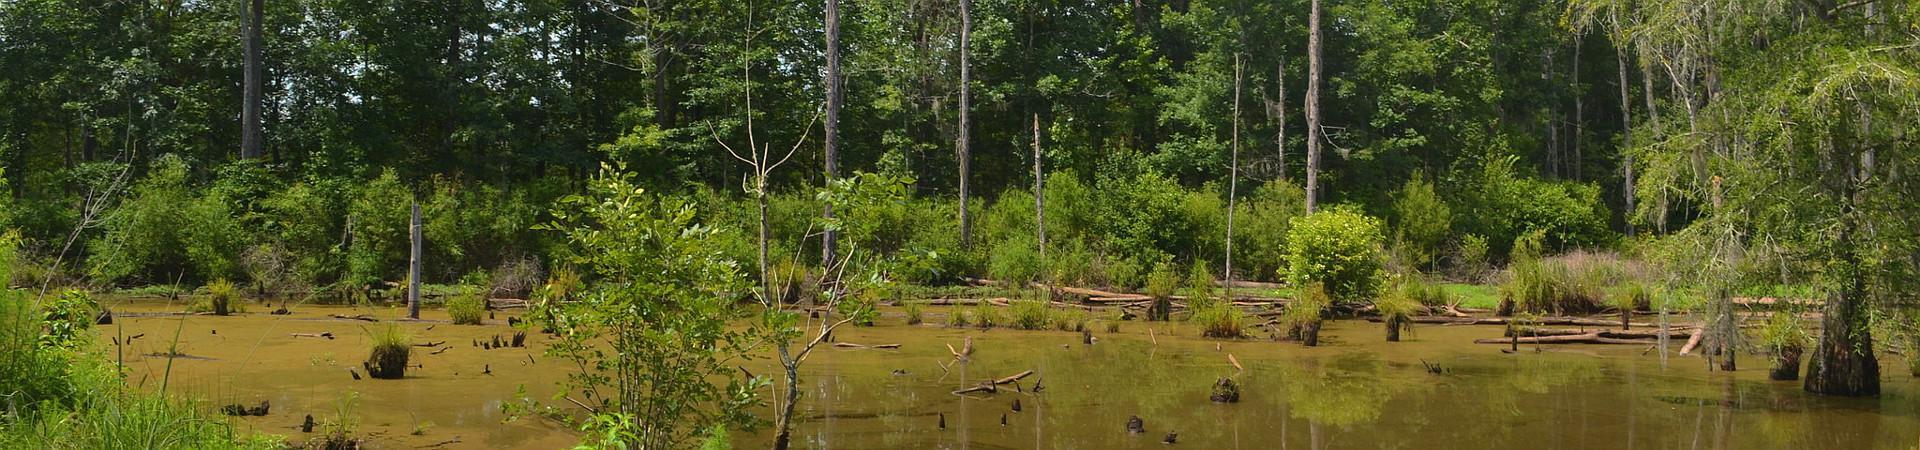 Swamp at WMA